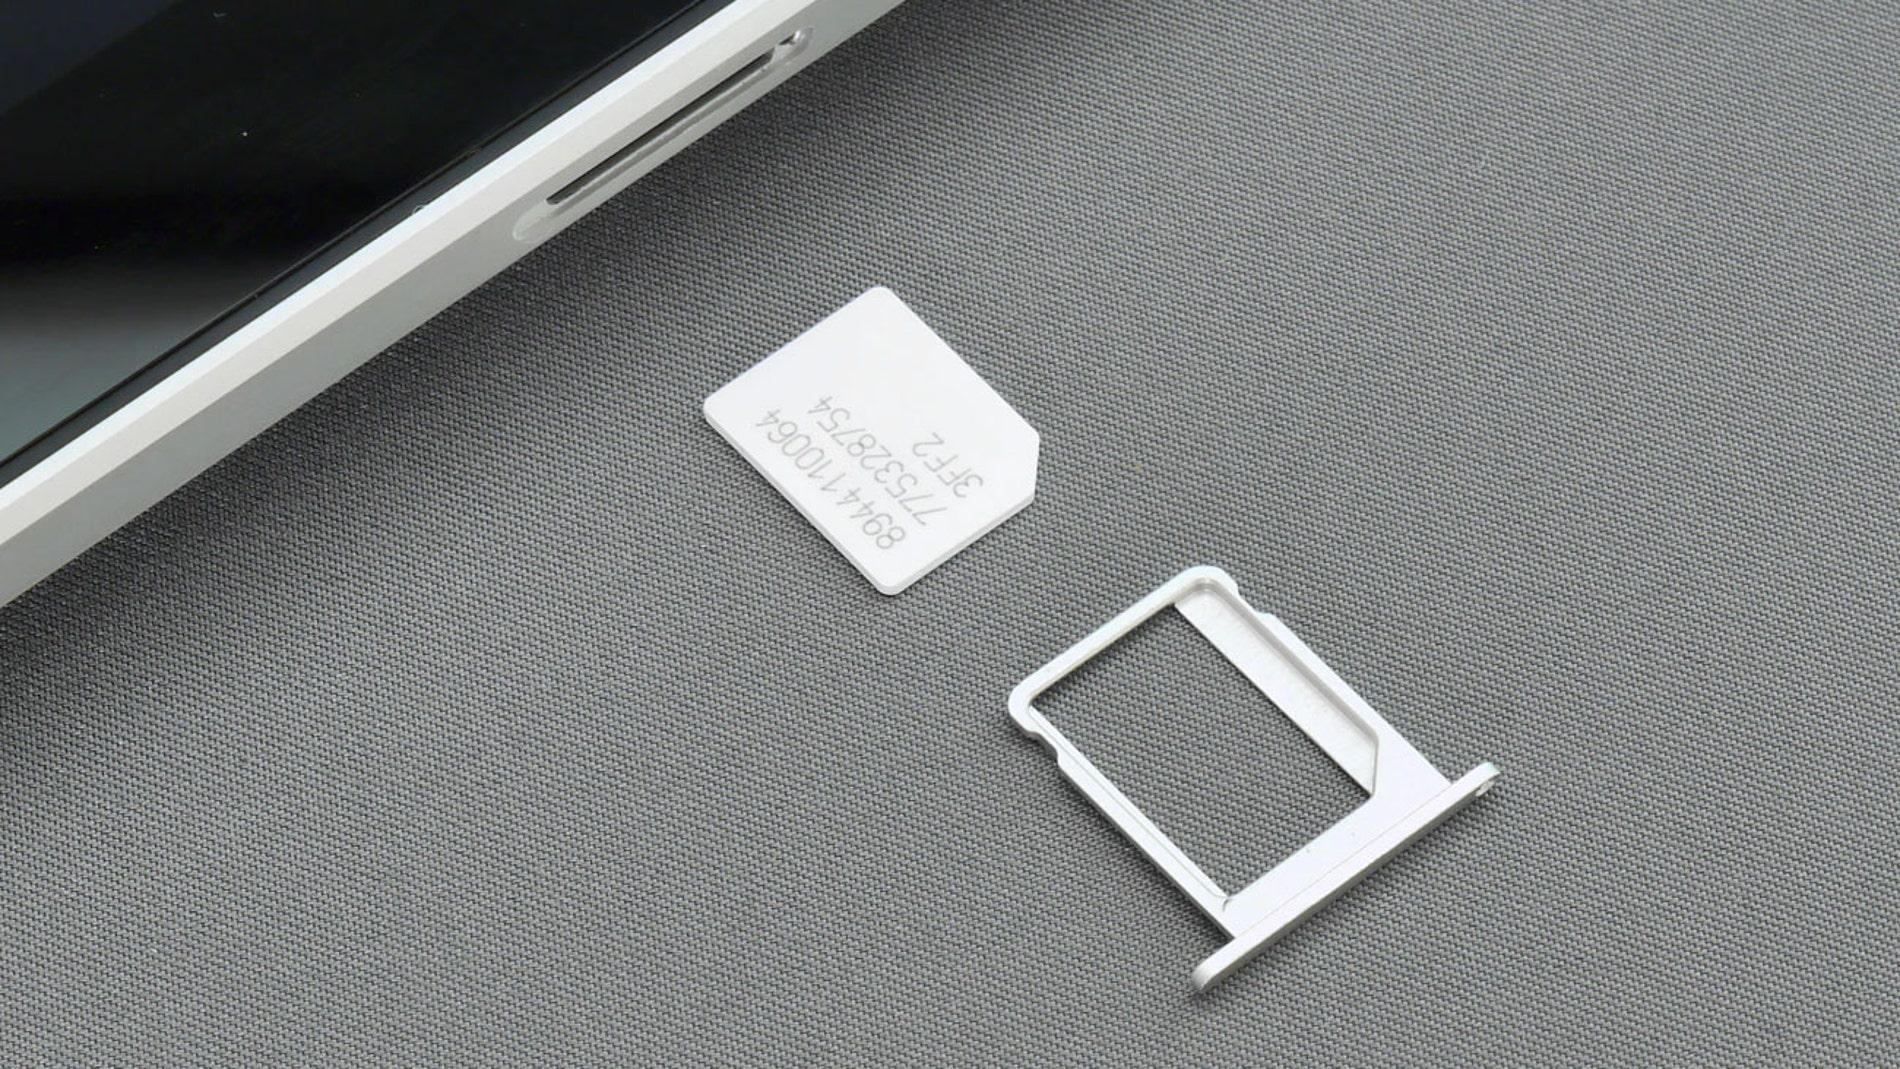 Tarjeta SIM para teléfonos móvil